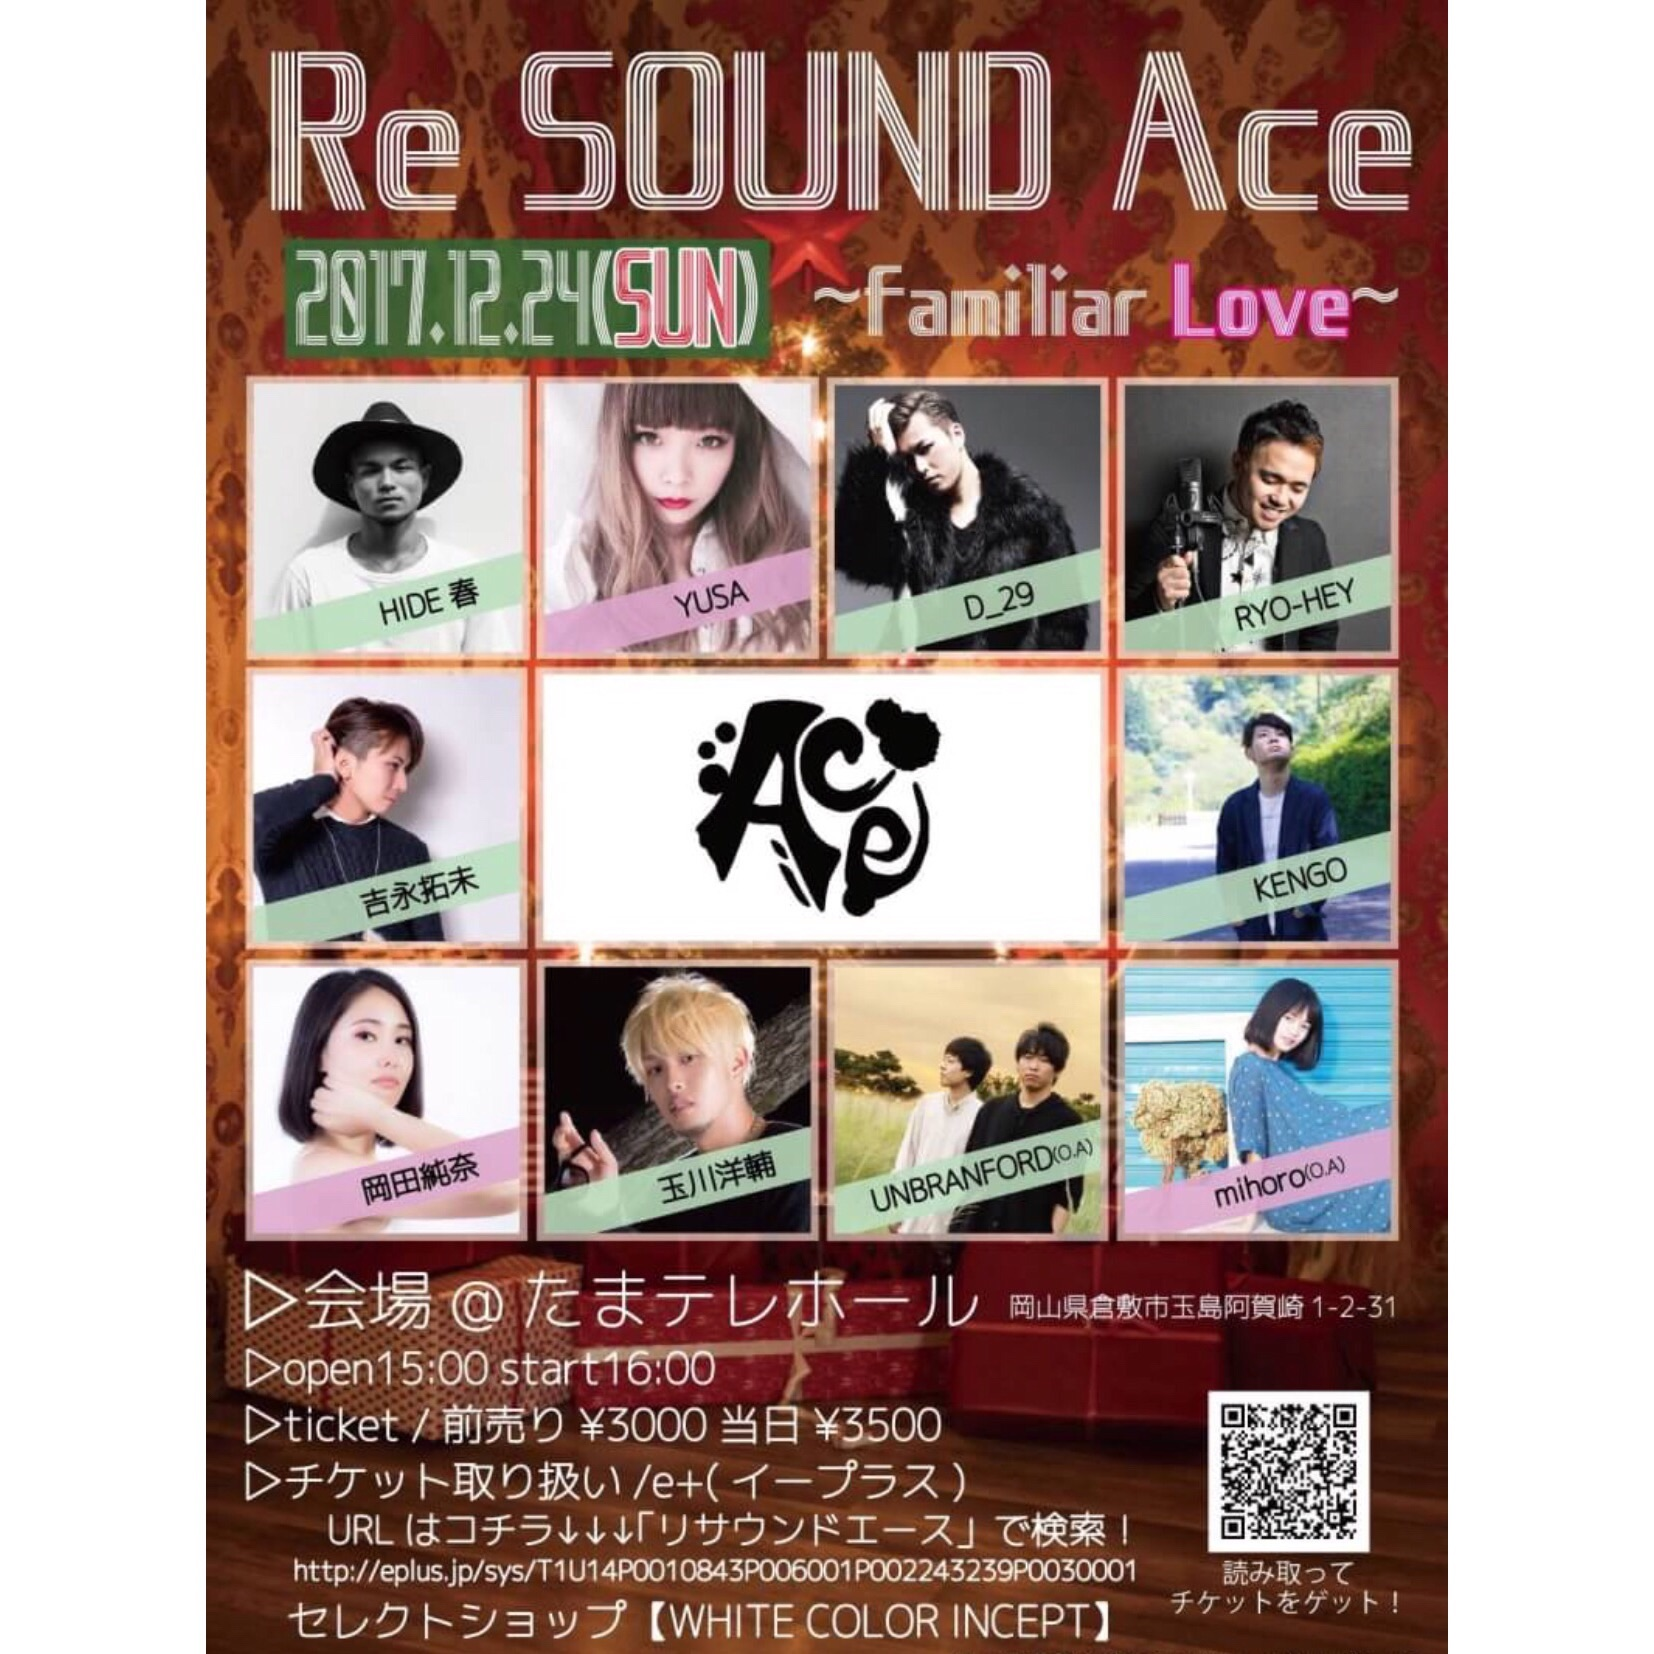 f:id:Yosuke0912:20171214185259j:image